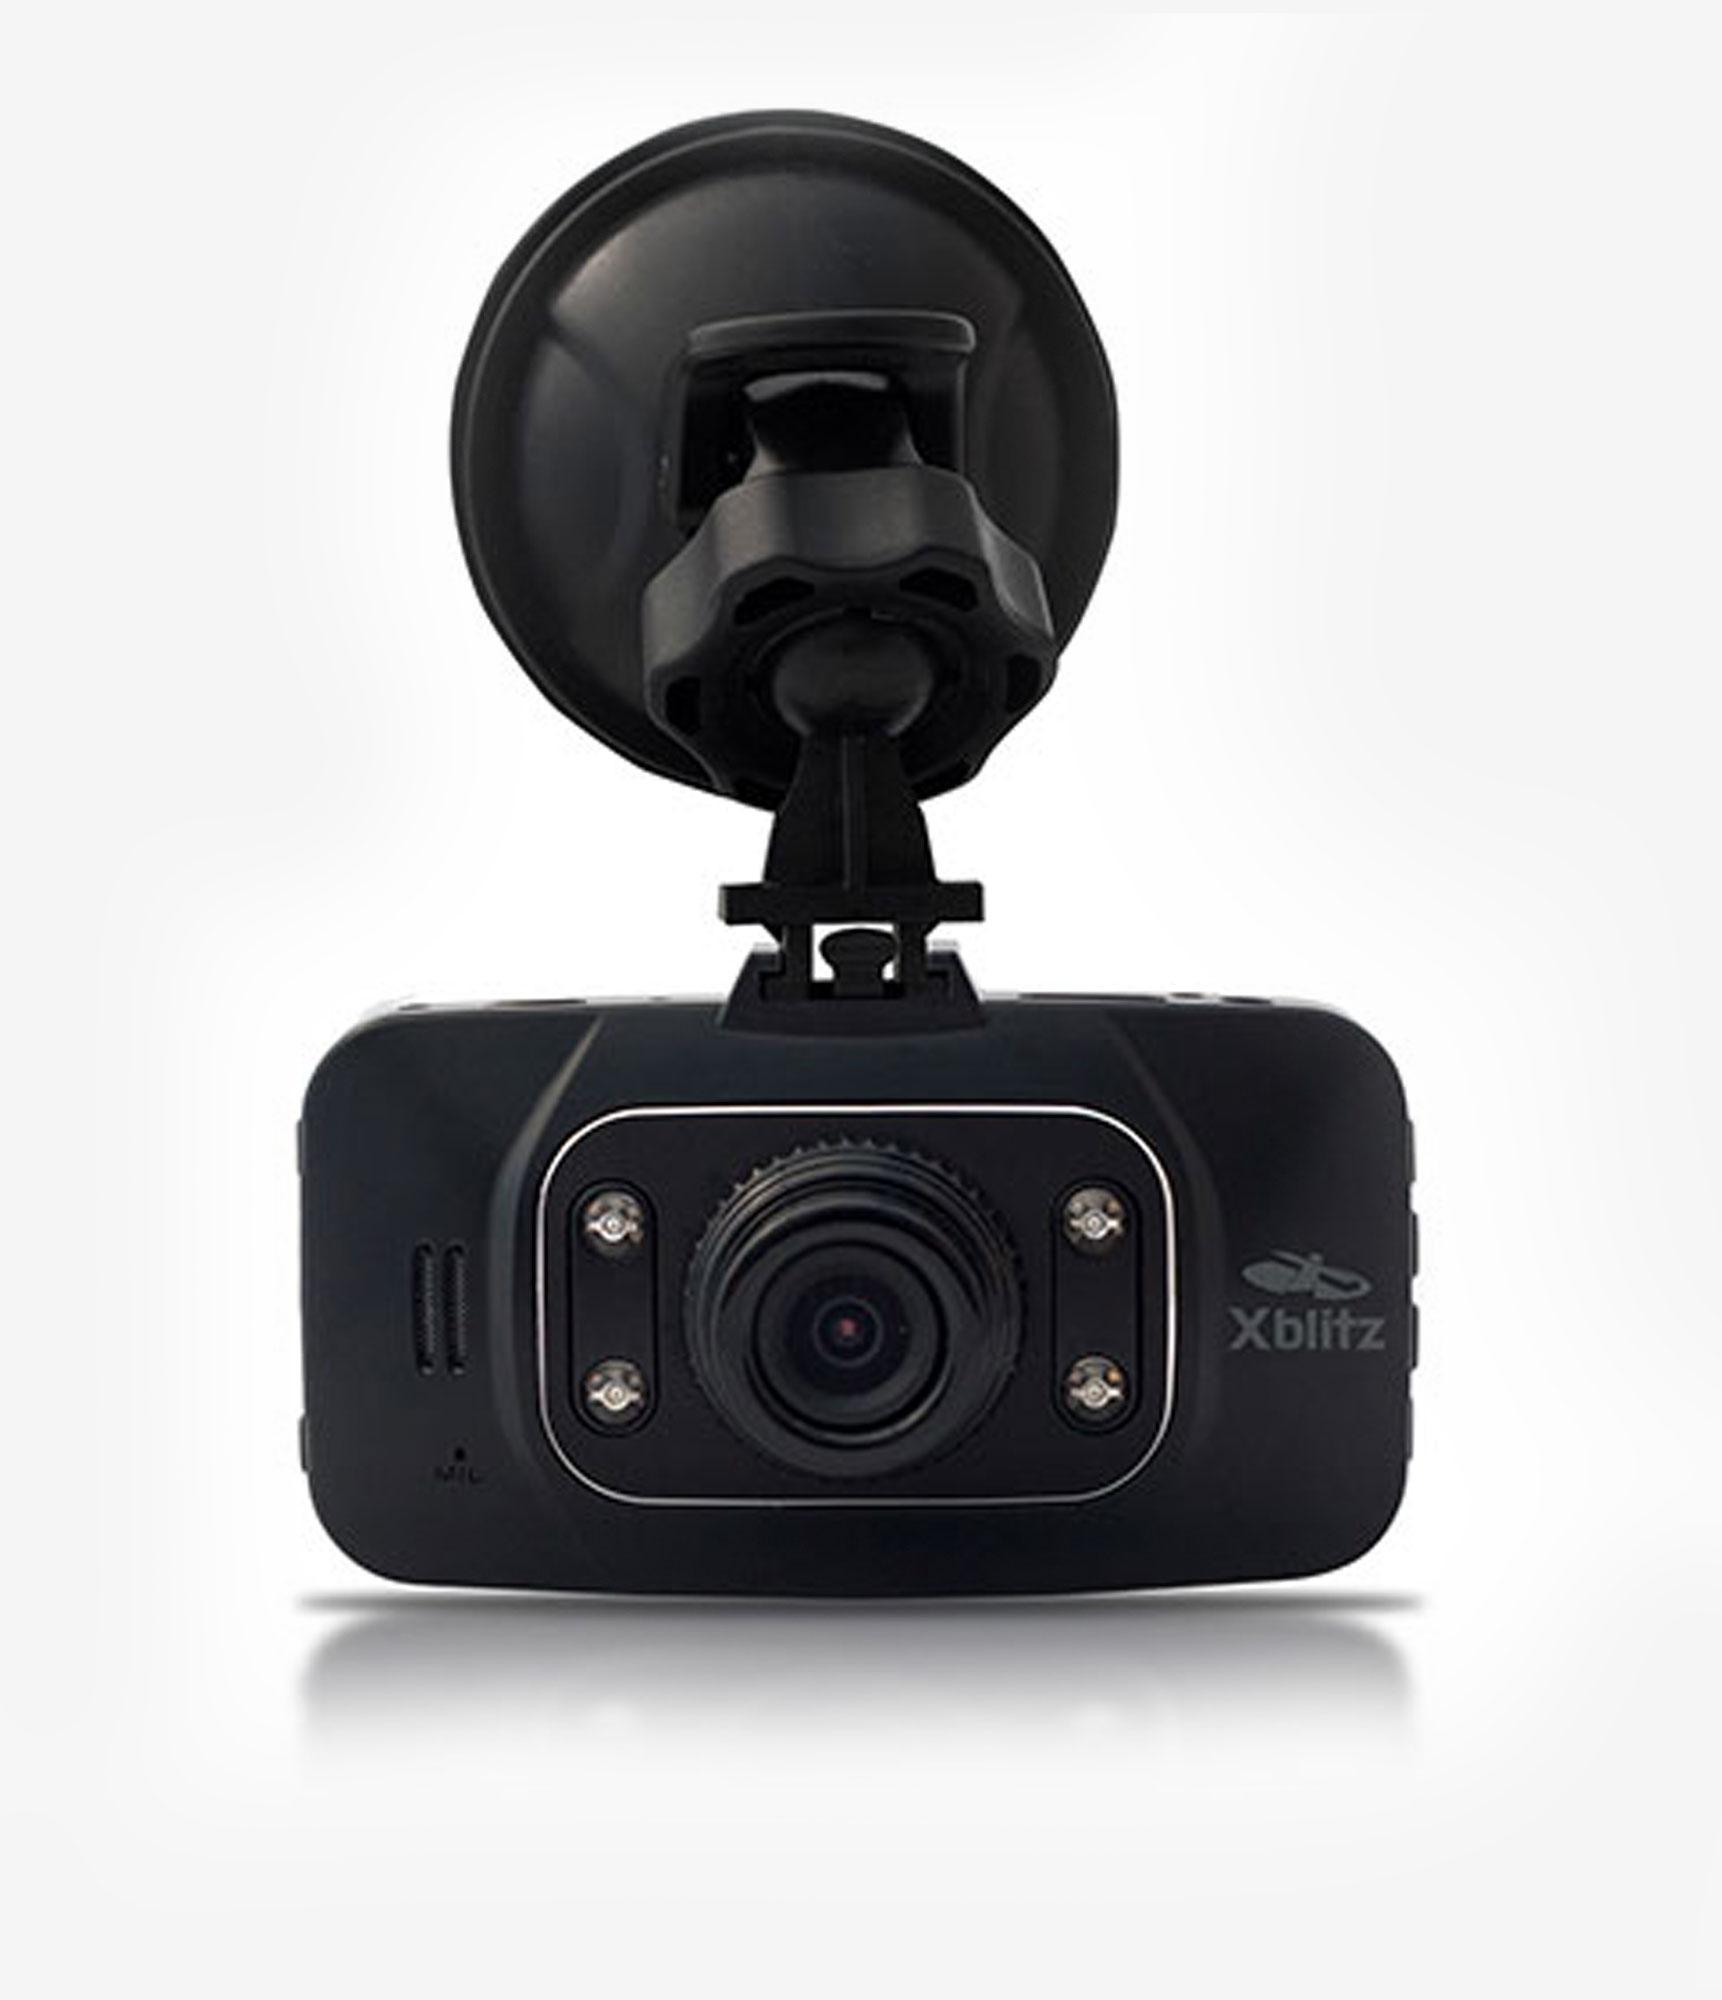 Caméra de bord XBLITZ CLASSIC 5903240792146